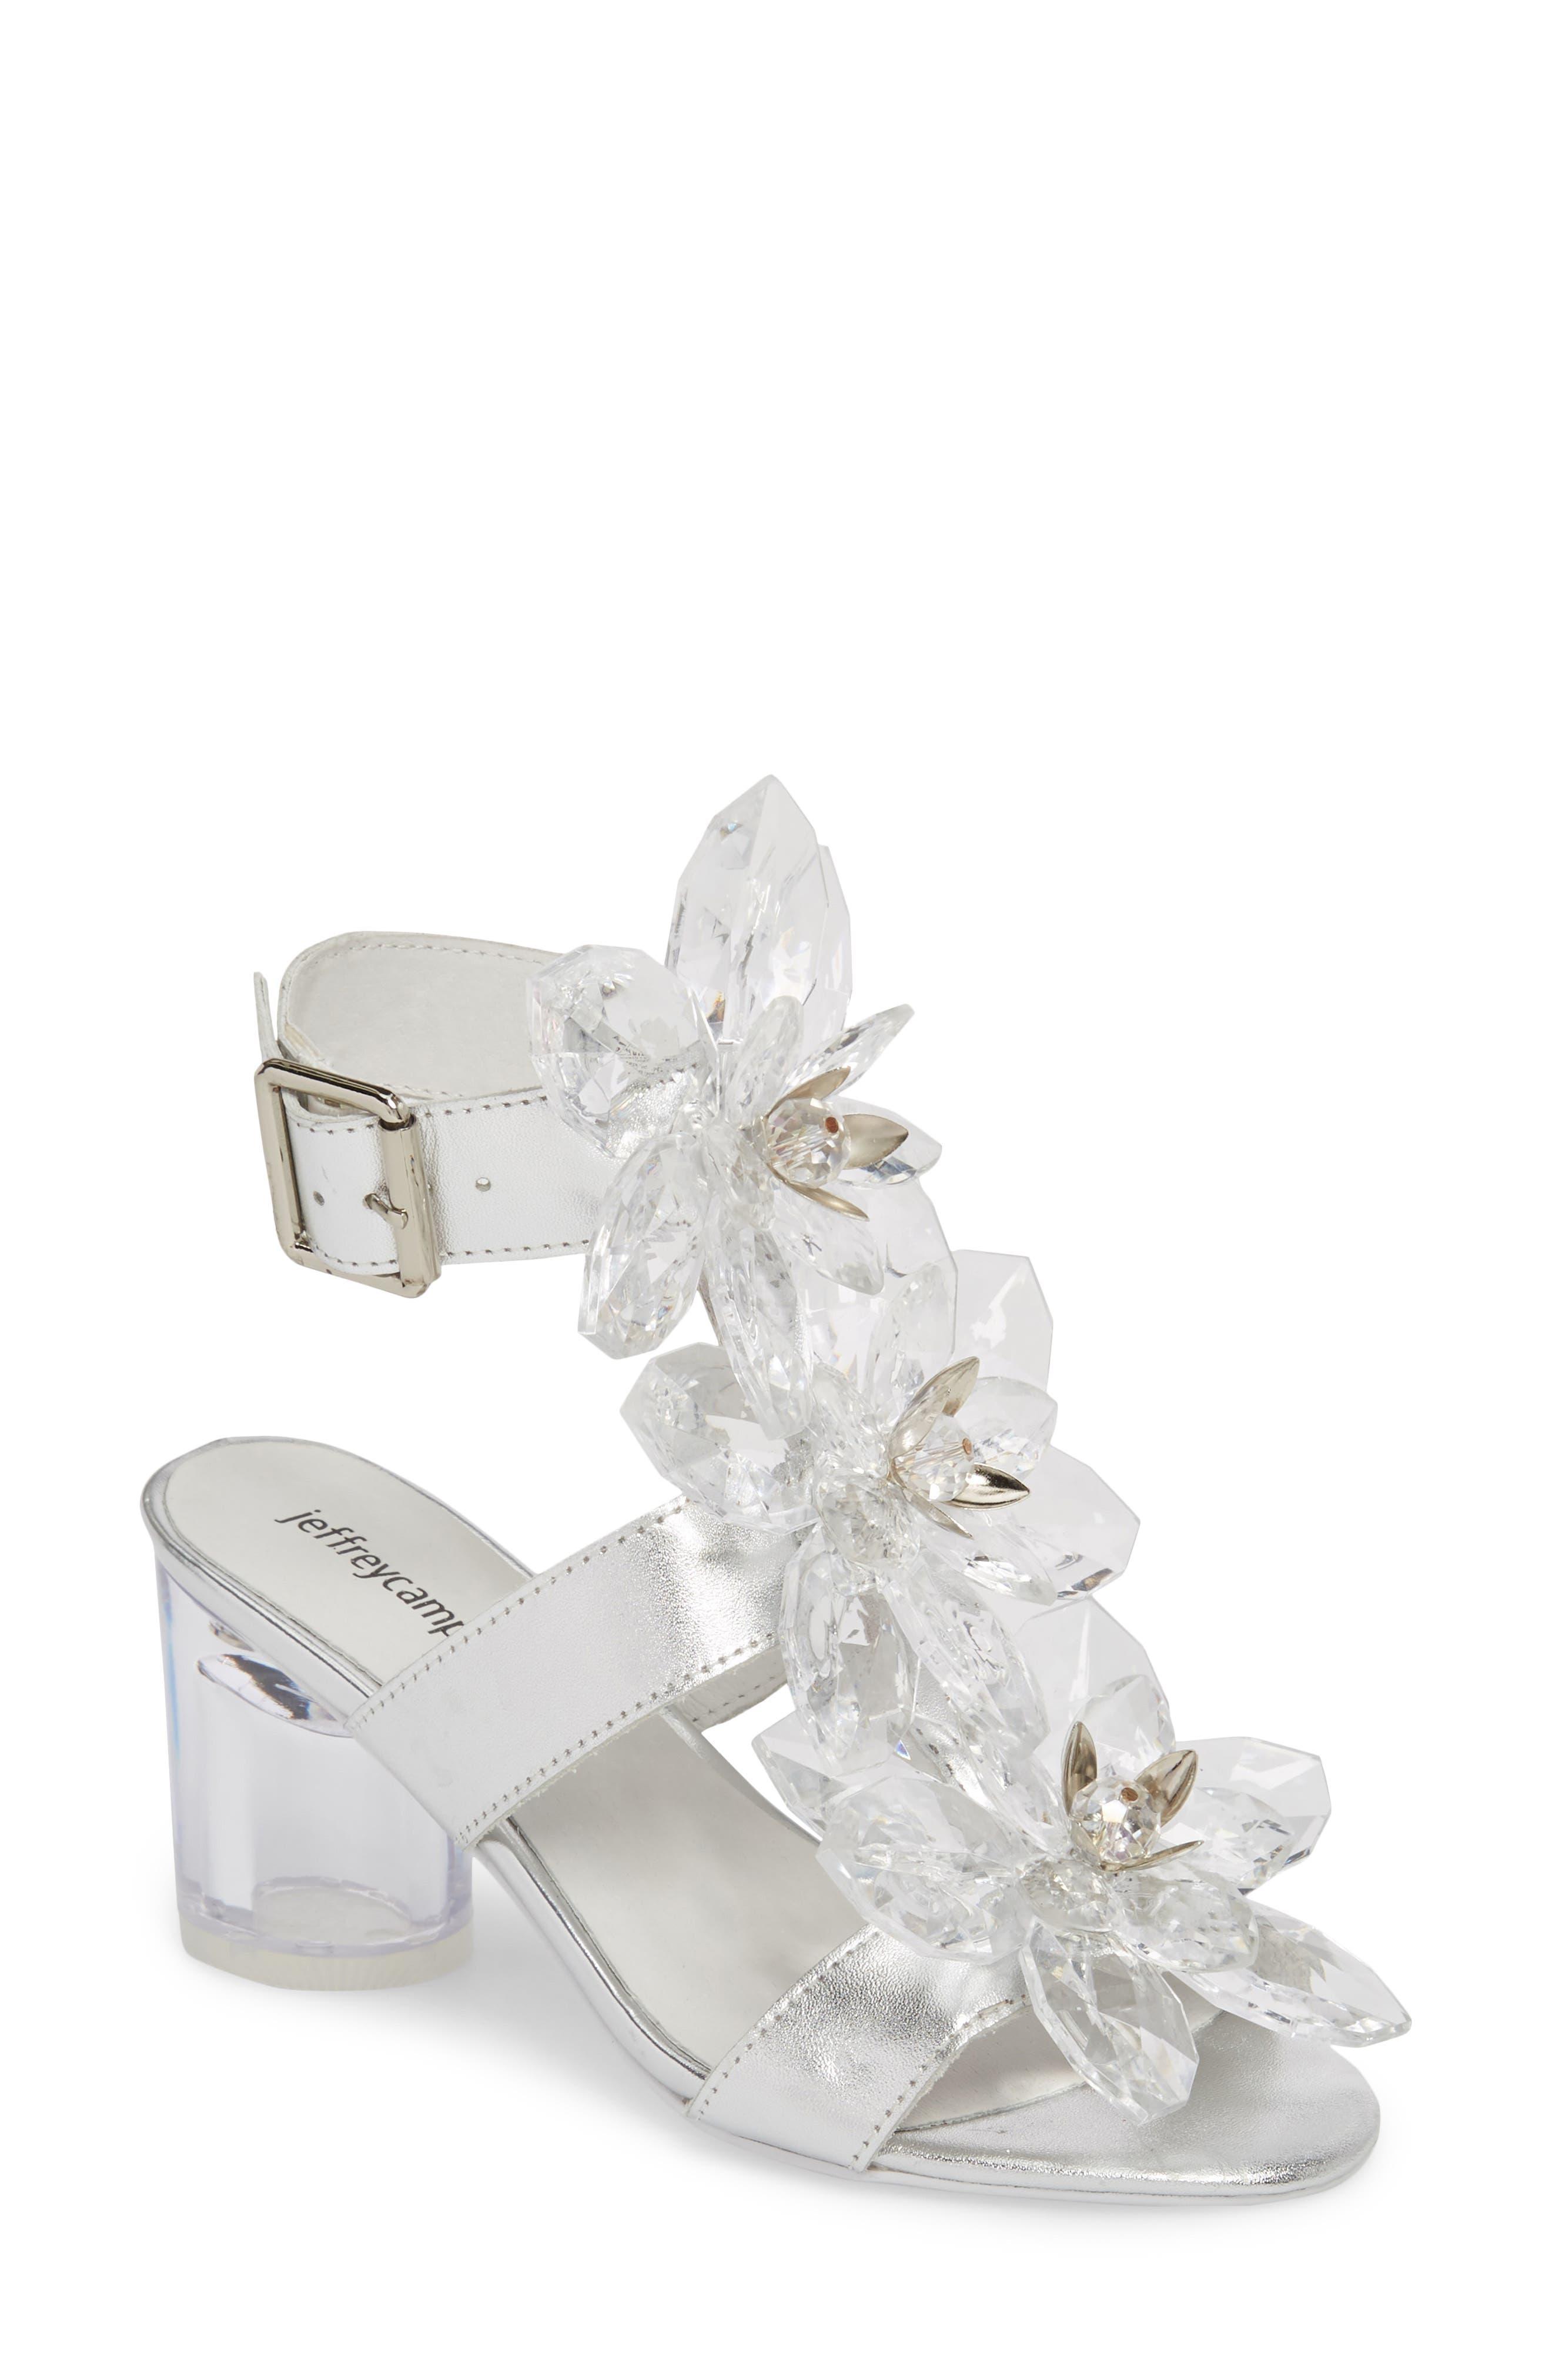 Violit Embellished Floral Sandal,                             Main thumbnail 1, color,                             Silver Clear